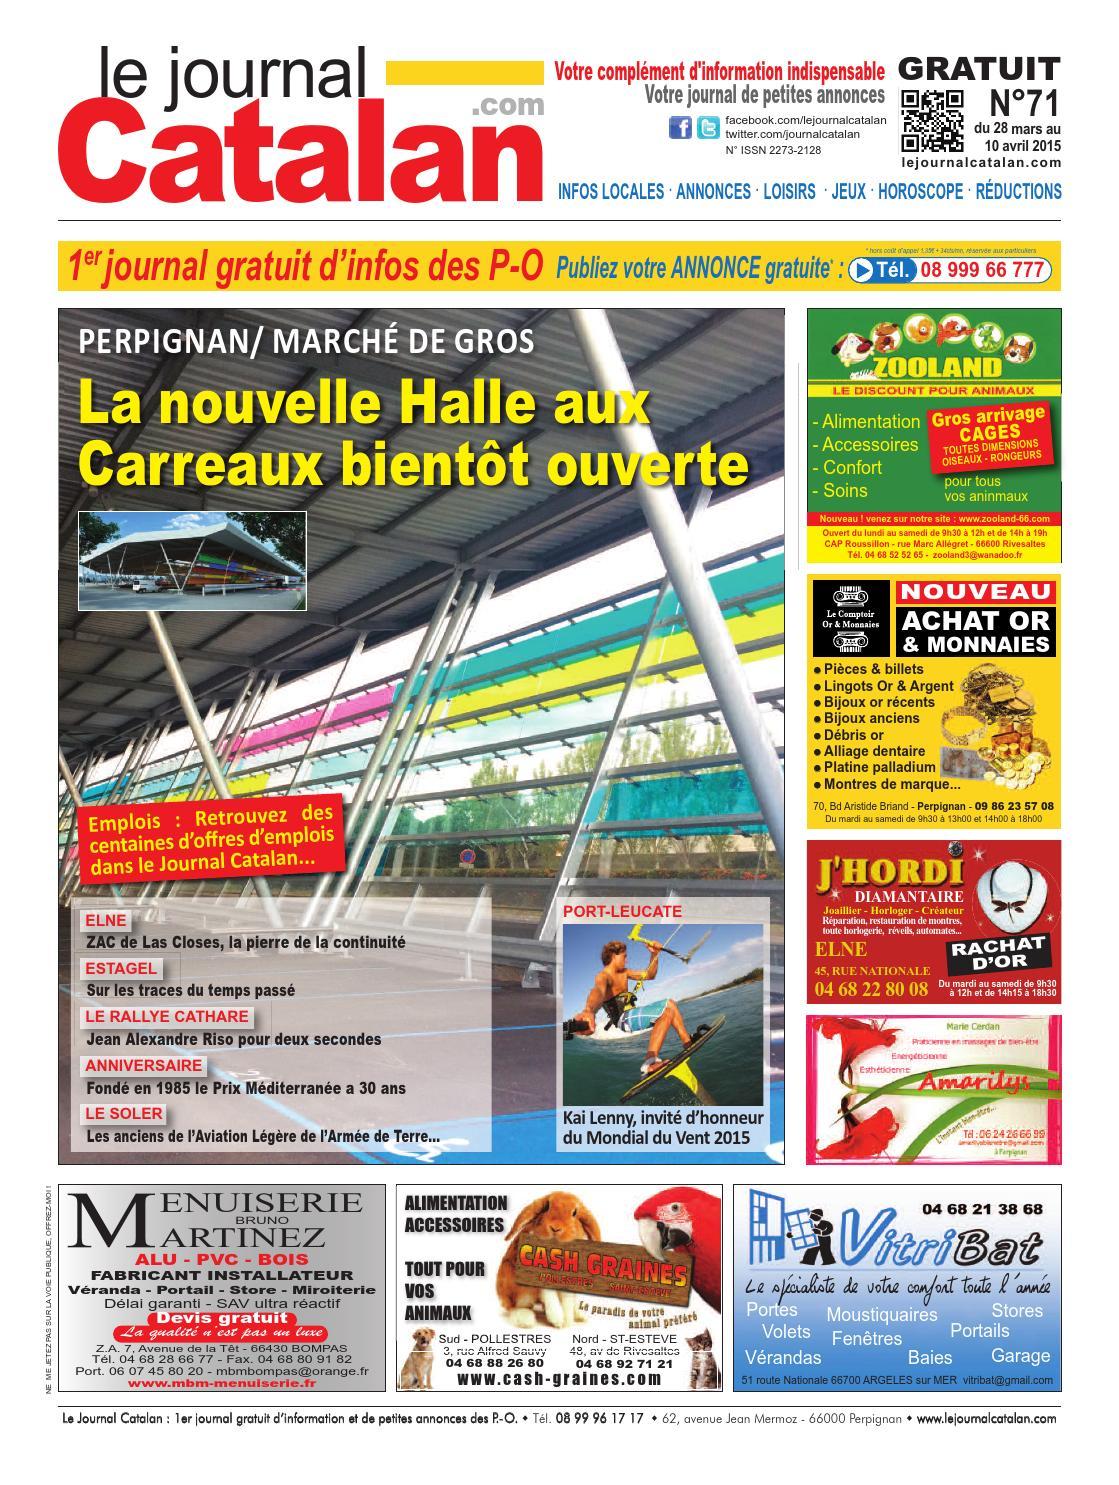 le journal catalan n 71 premier journal gratuit d 39 informations et de petites annonces des p o by. Black Bedroom Furniture Sets. Home Design Ideas